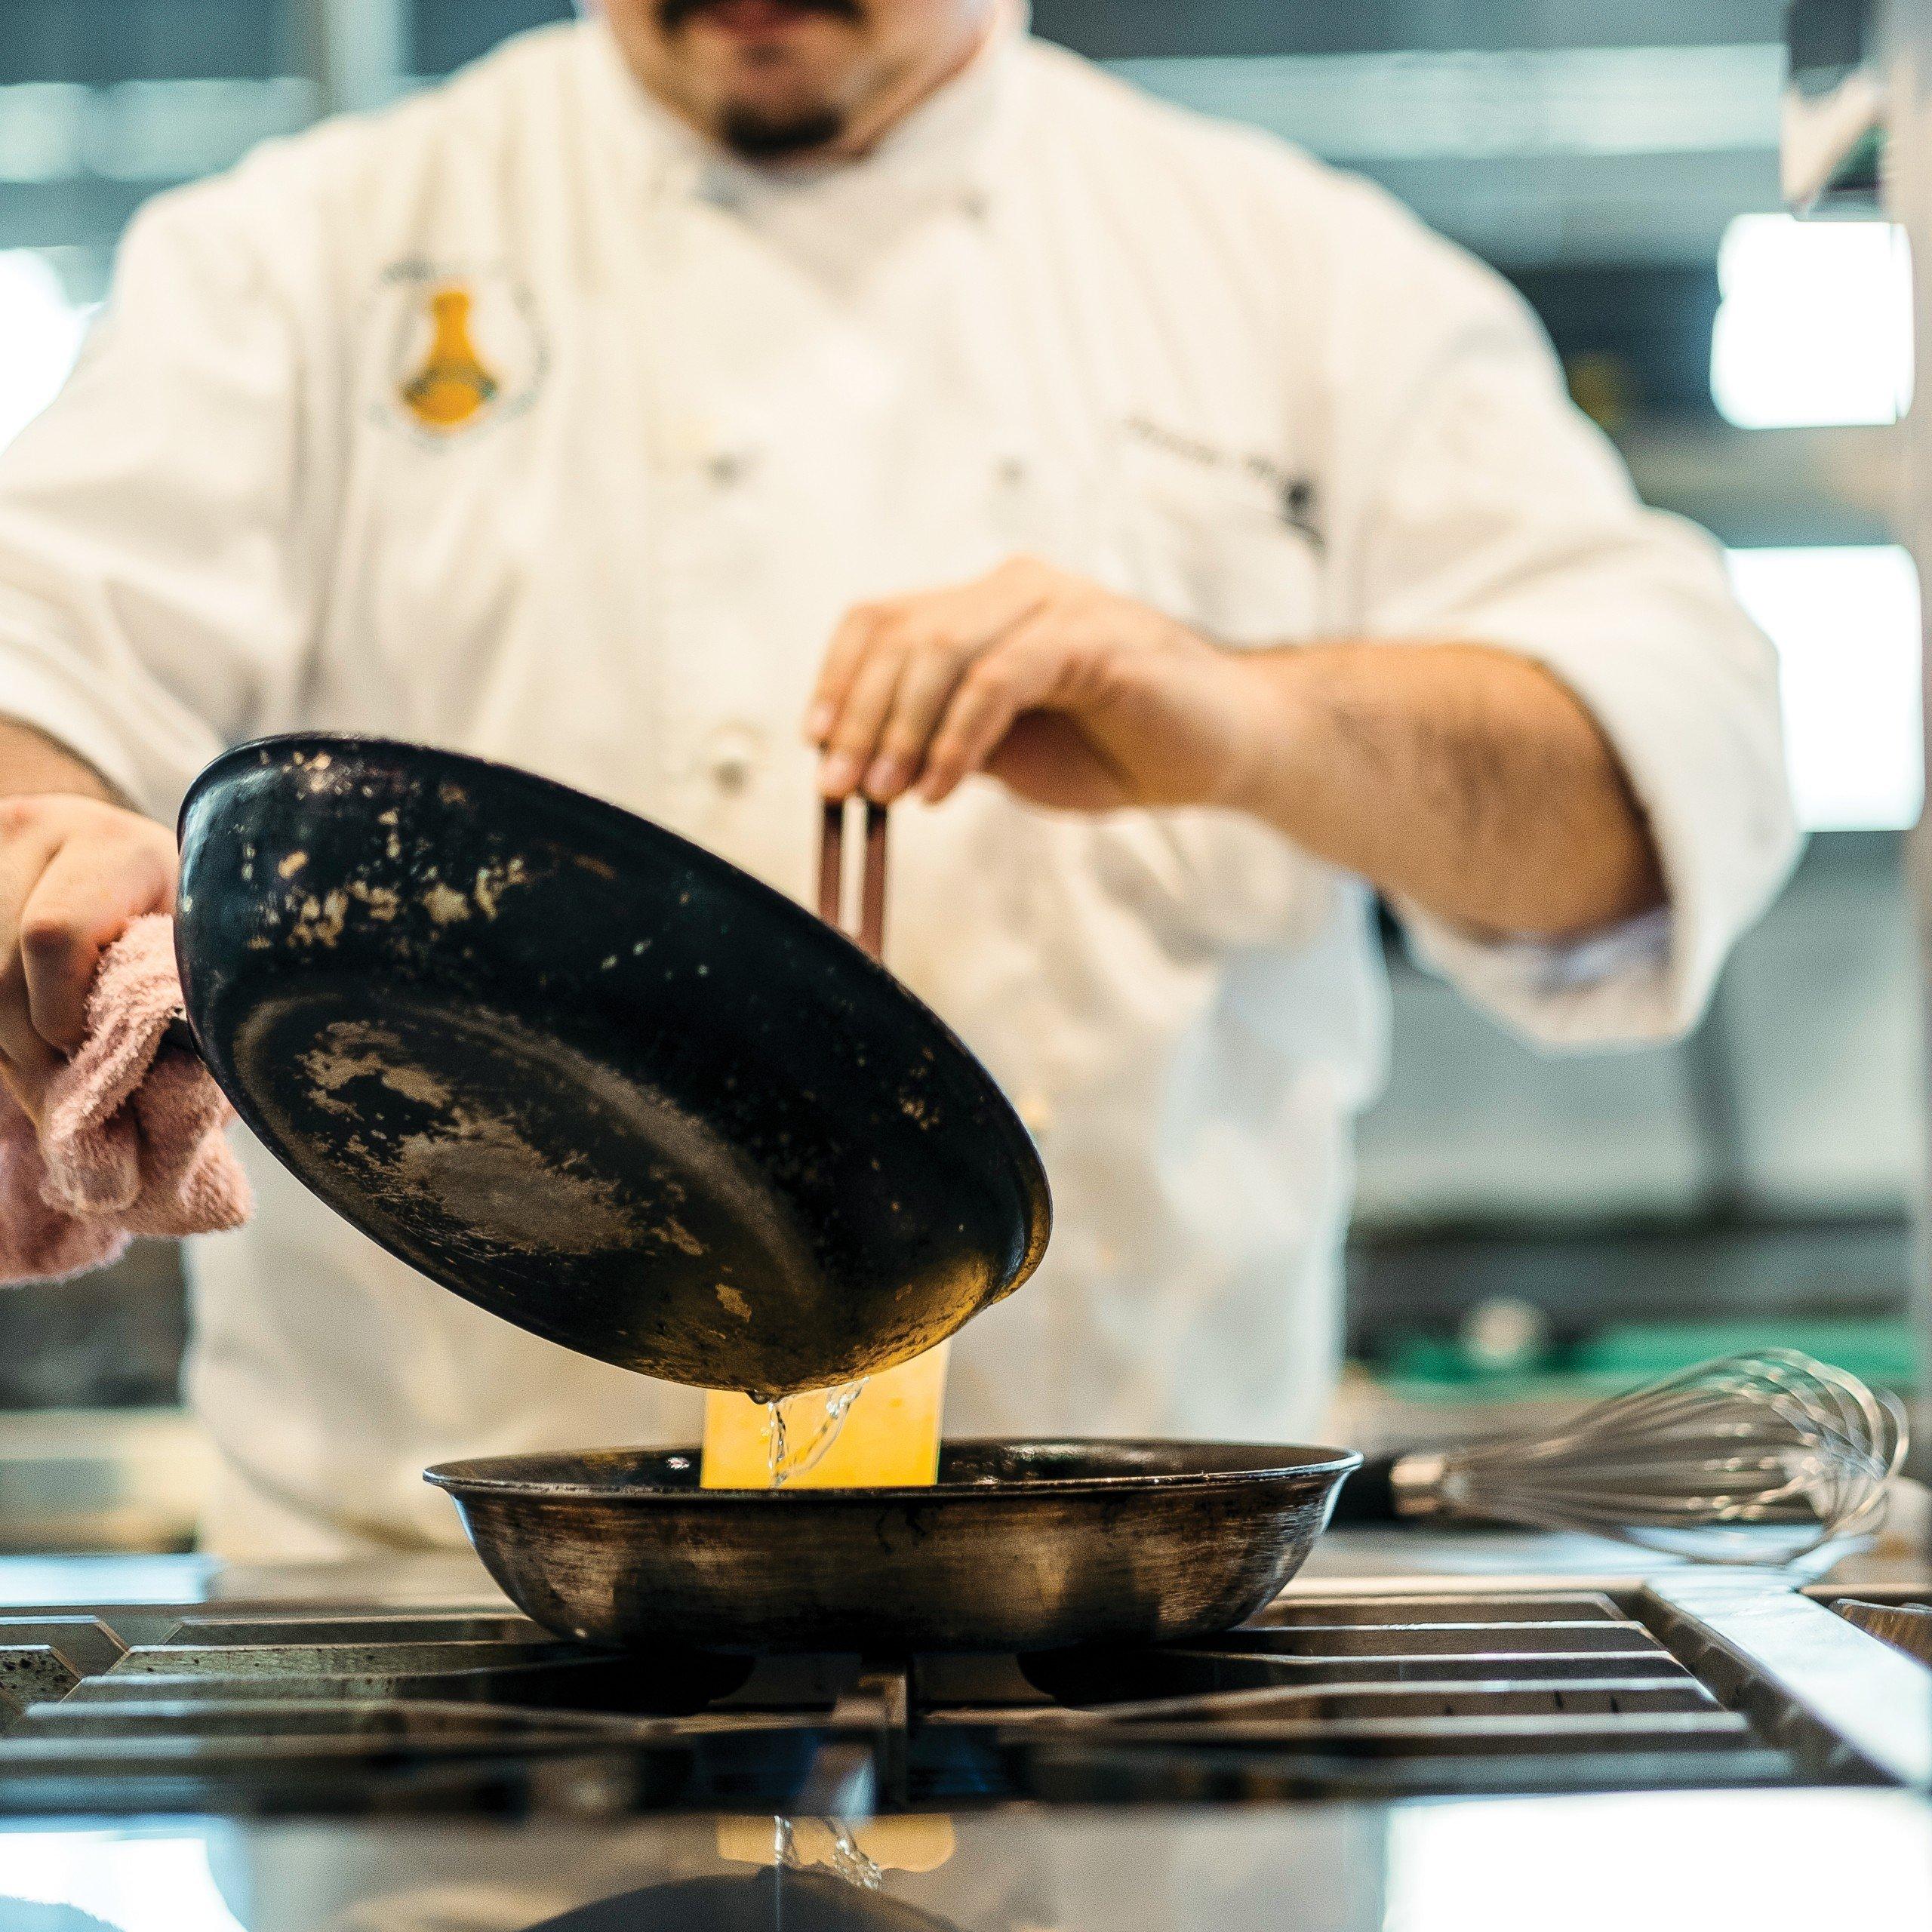 HB1710 AY KCC Culinary School 8950